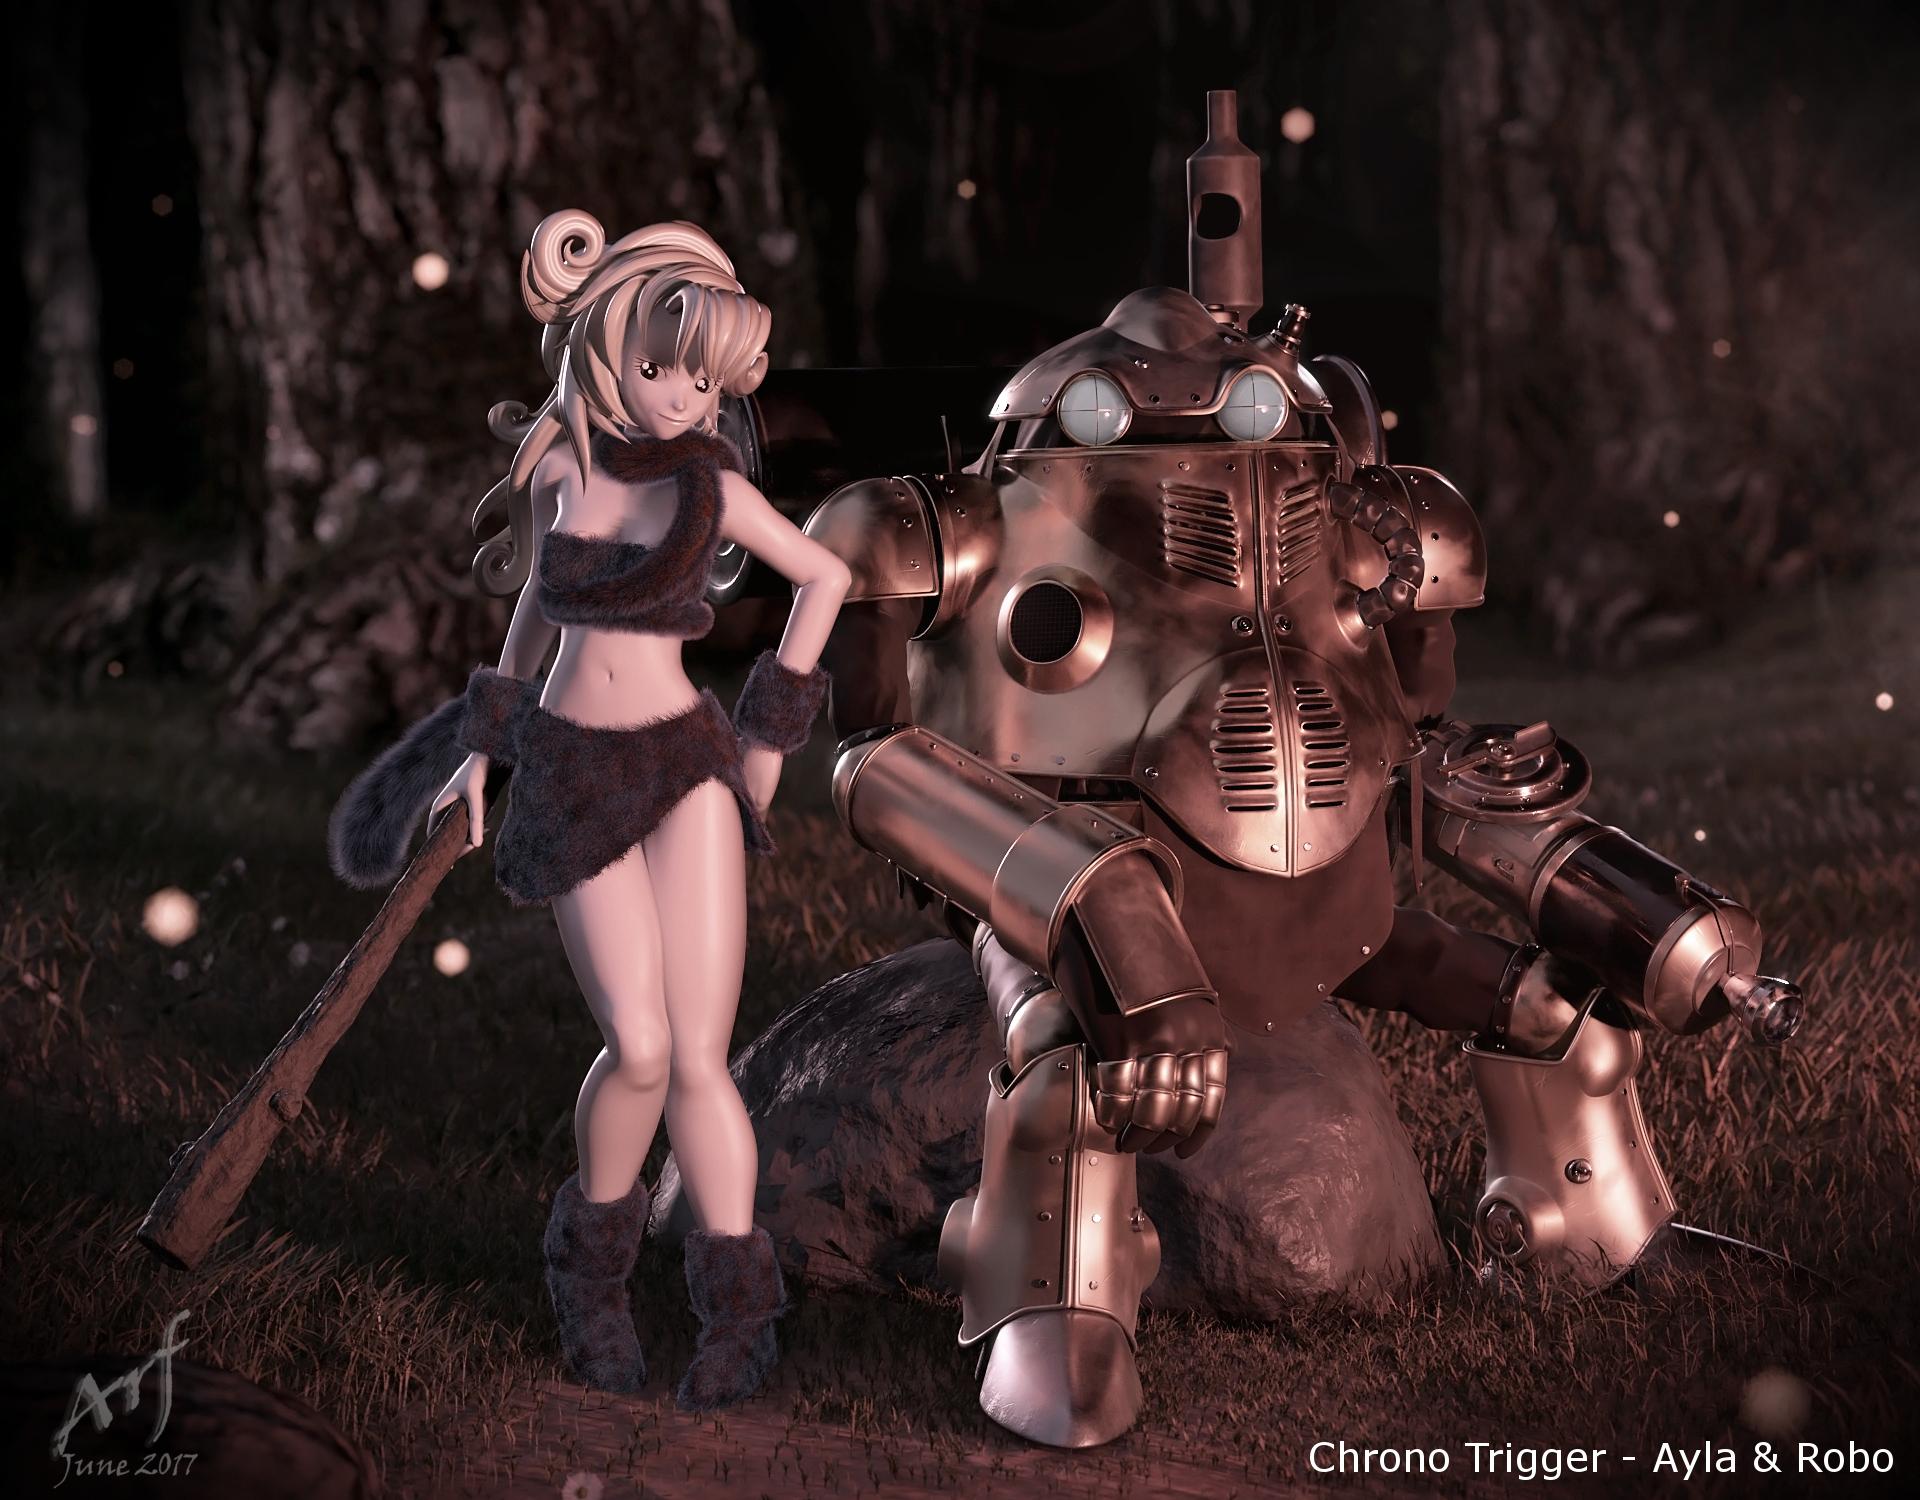 Ayla and Robo